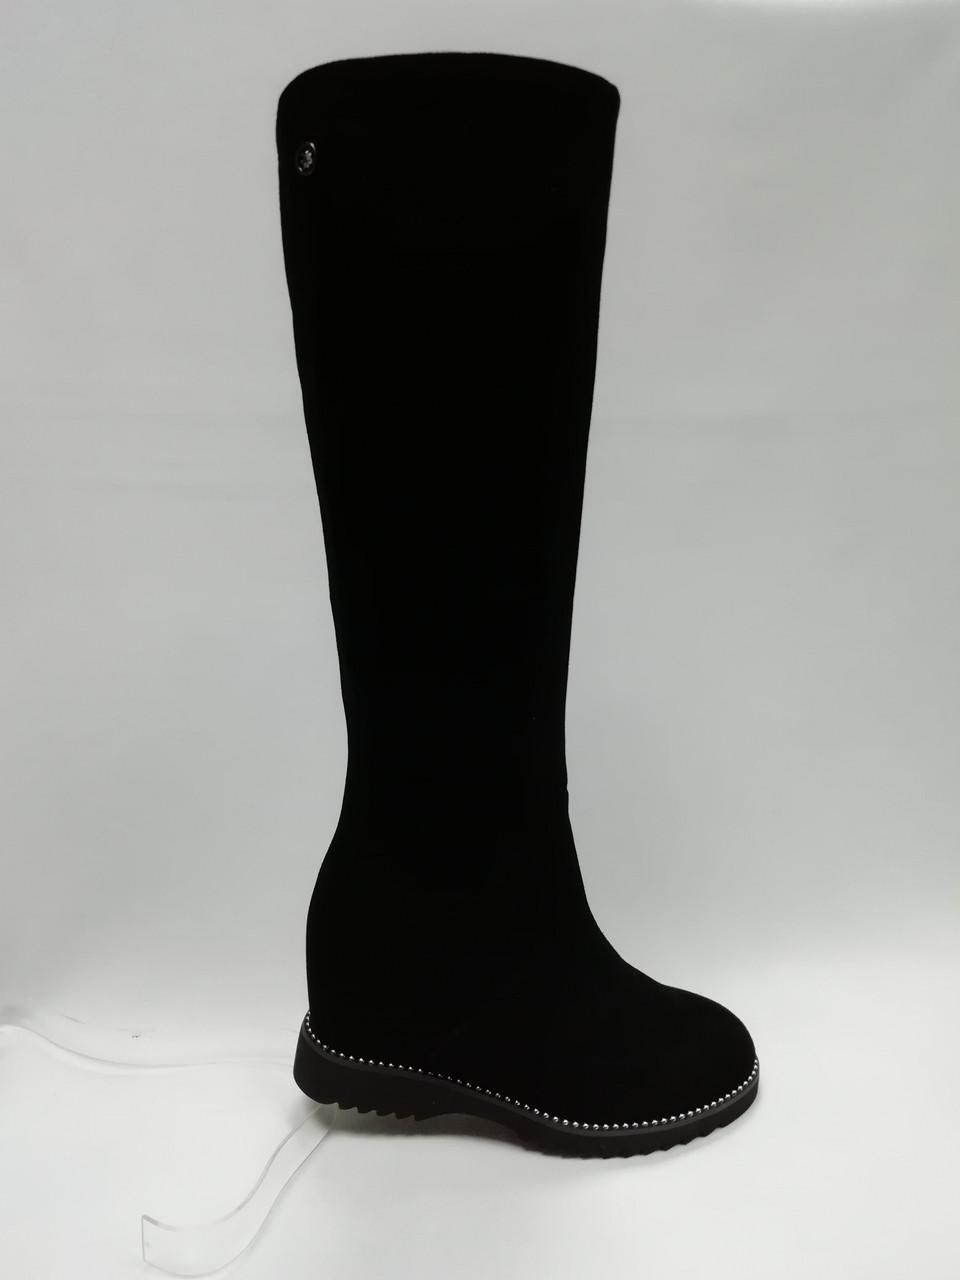 Черные замшевые зимние сапоги на танкетке. Erisses. Маленькие размеры.